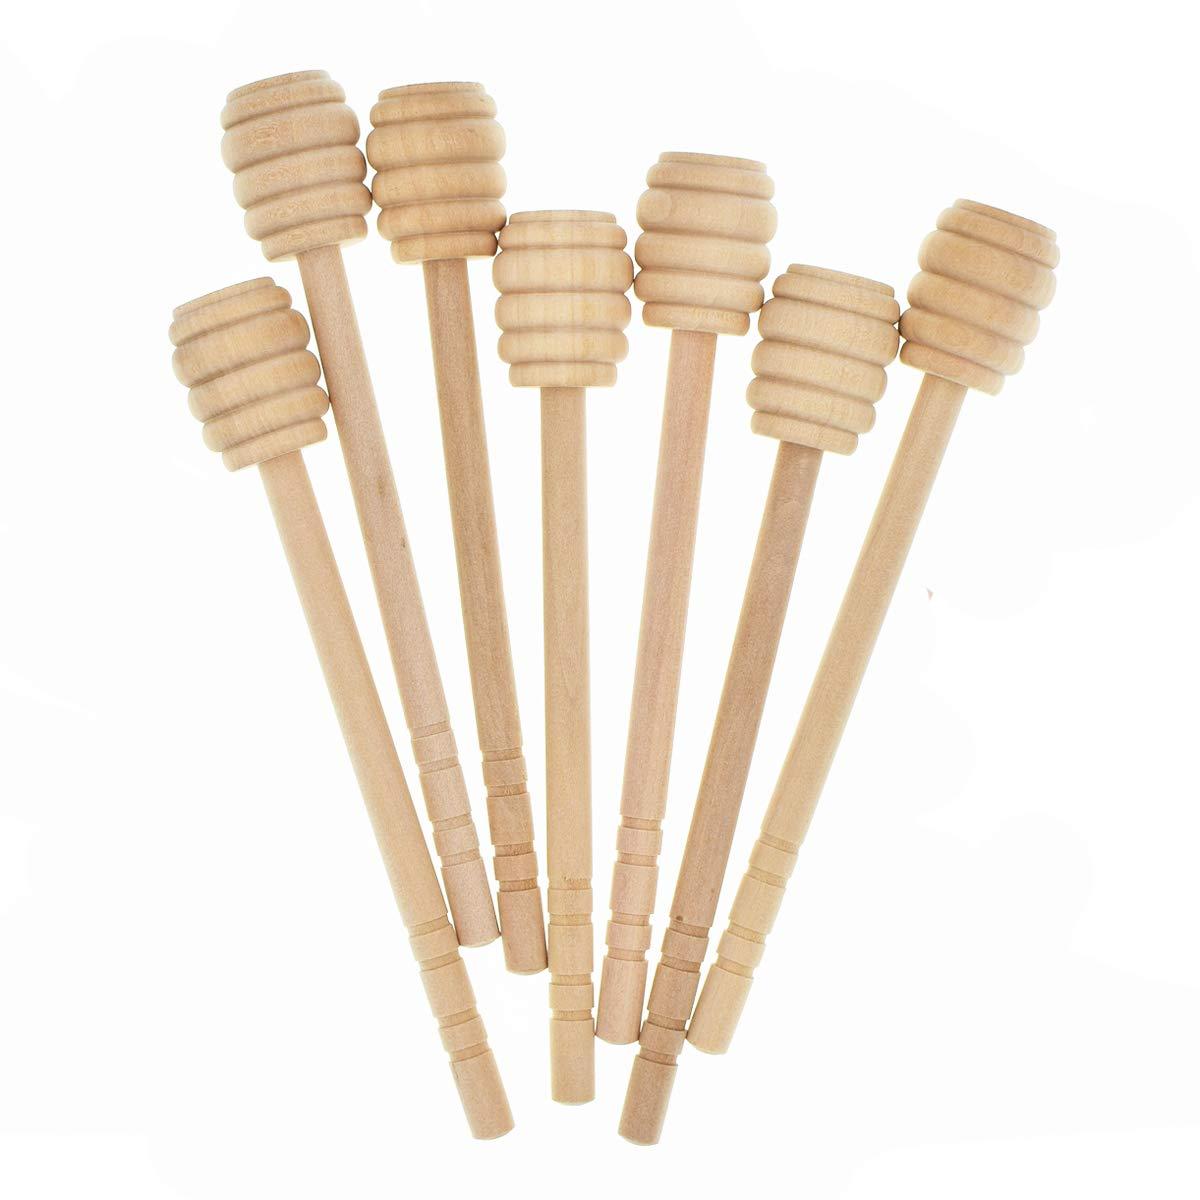 50 Pack 6 Inch Portable Wooden Jam Honey Dipper Honey Sticks for Honey Jam Jar Dispense